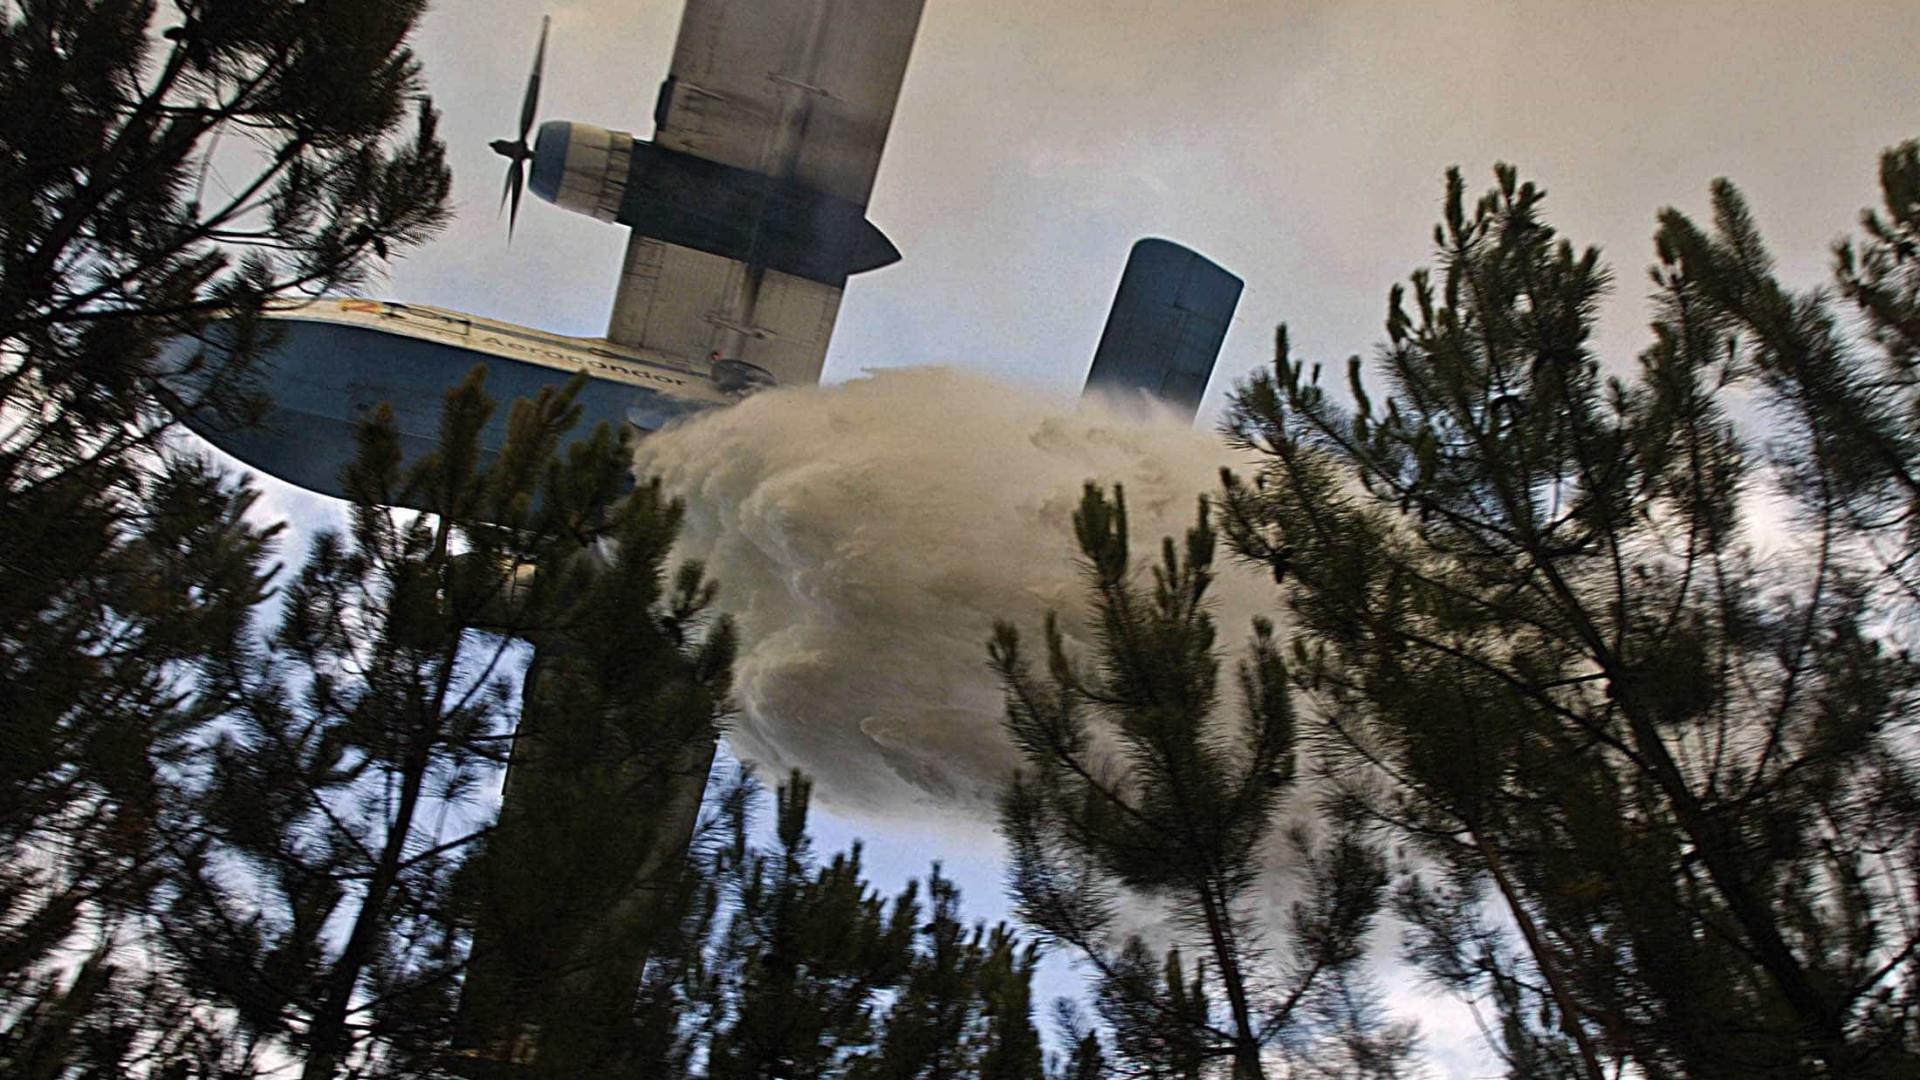 Itália envia dois aviões para ajudar a combater incêndios em Portugal